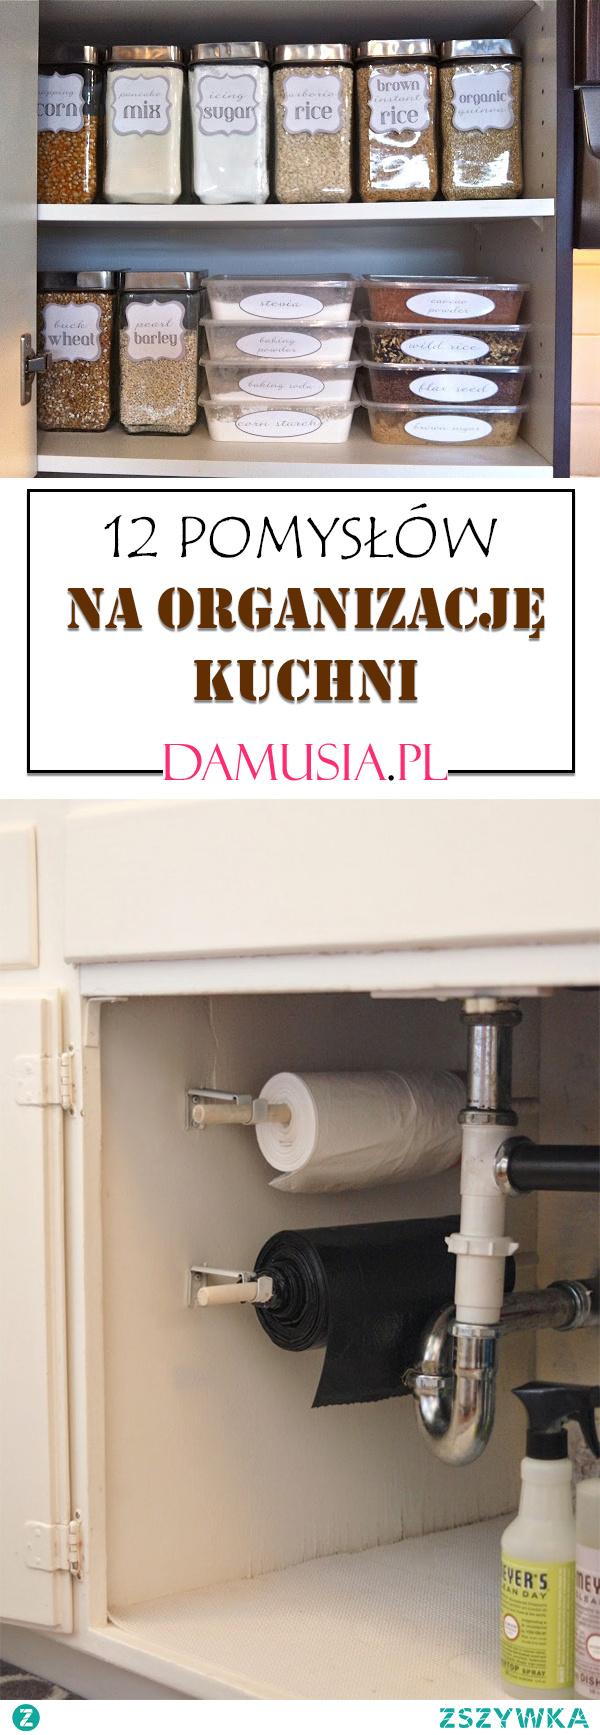 12 Pomysłów na Organizację Kuchni